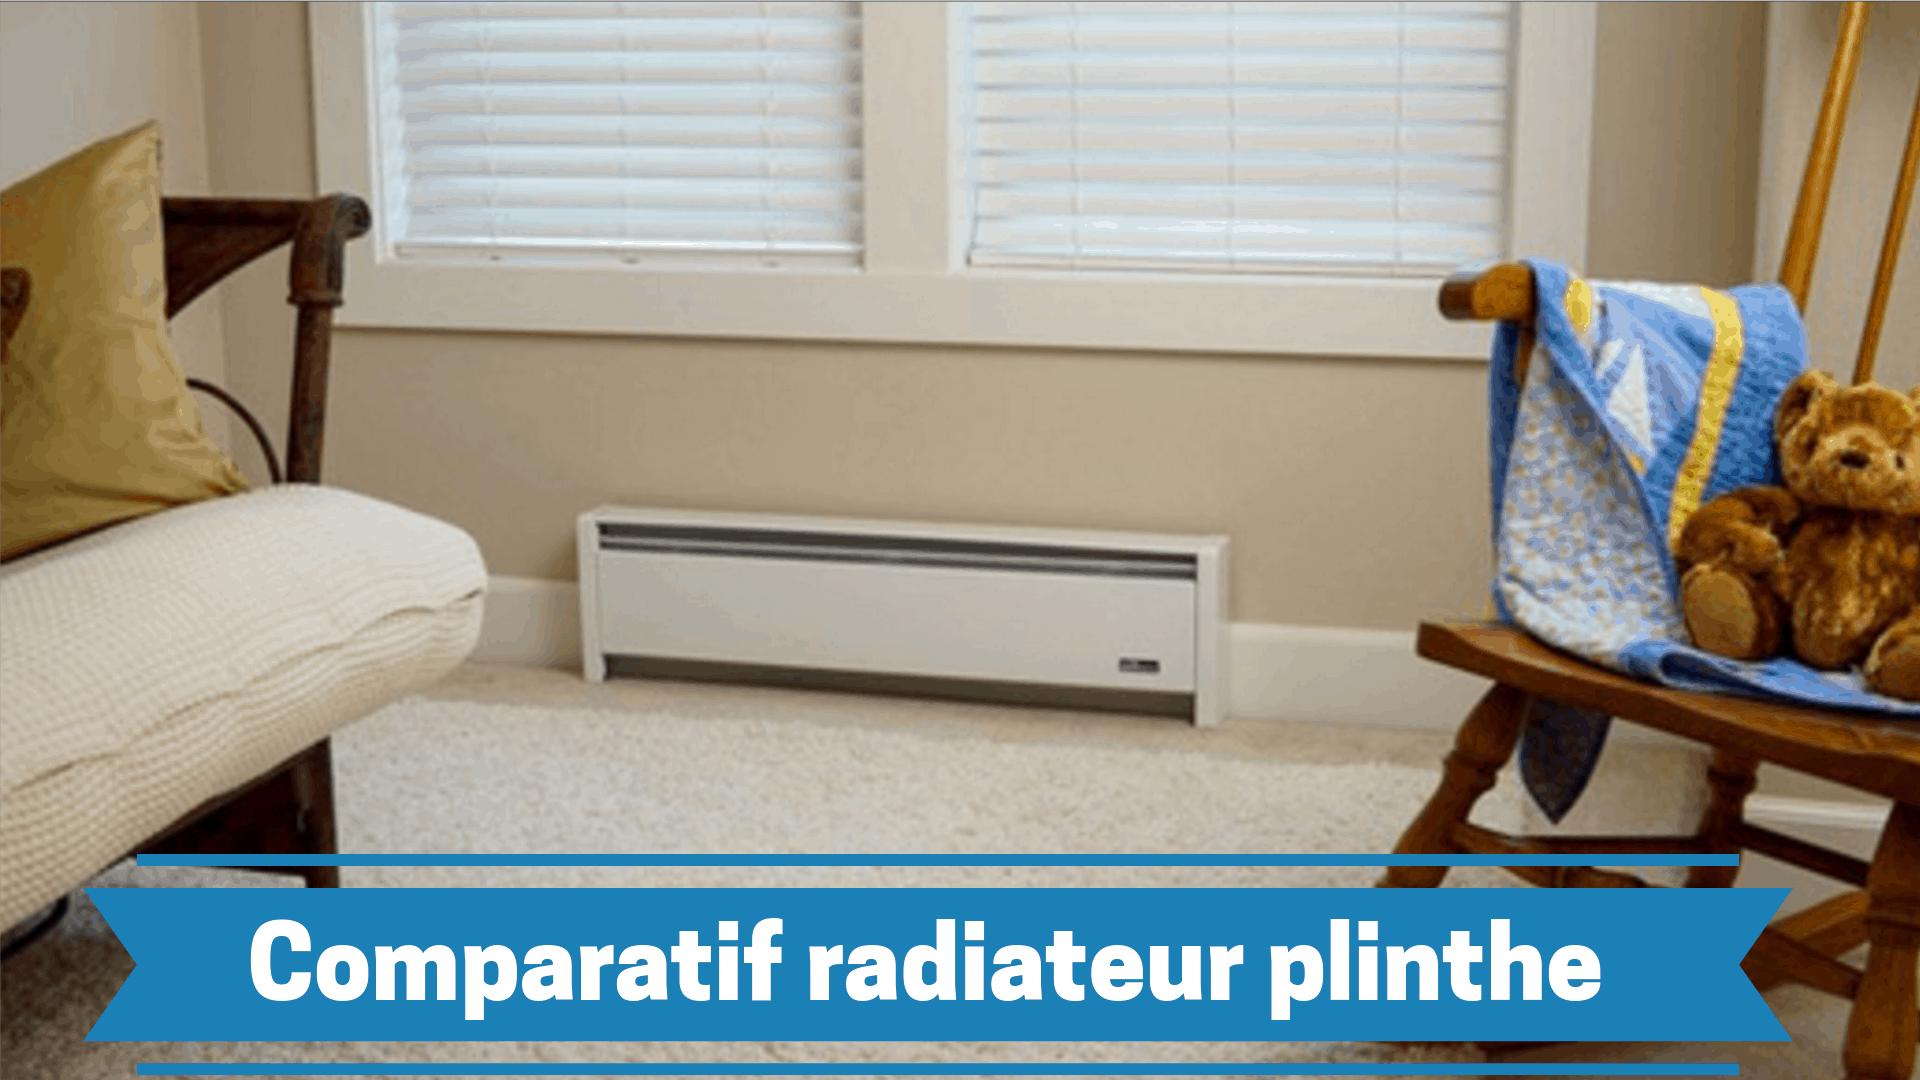 Radiateur chaleur douce comparatif radiateur electrique - Comparatif radiateur electrique a inertie et chaleur douce ...